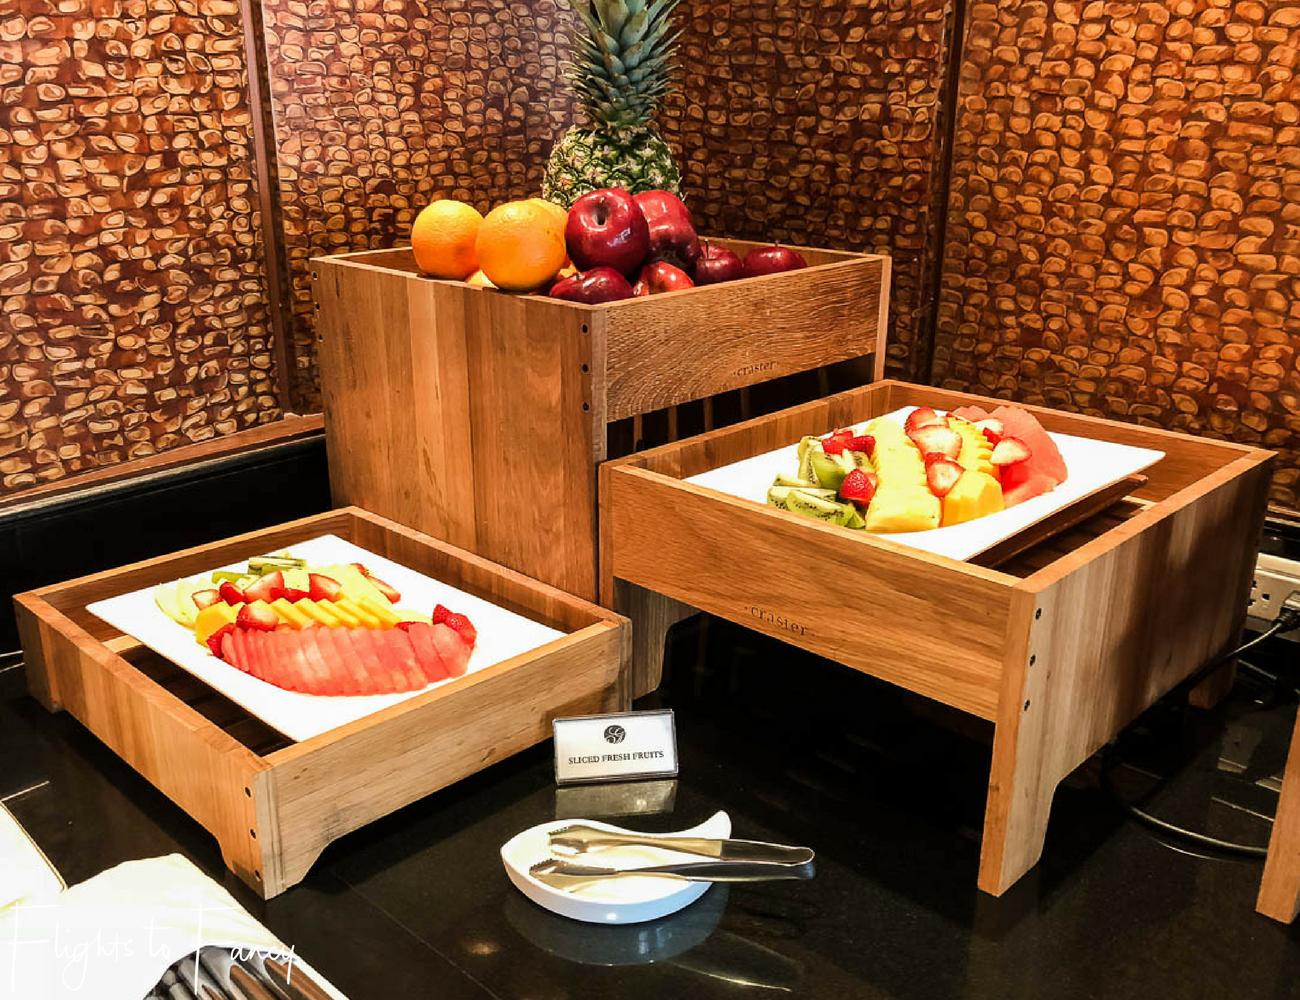 Flights to Fancy - Fairmont Makati Gold Lounge Breakfast Buffet